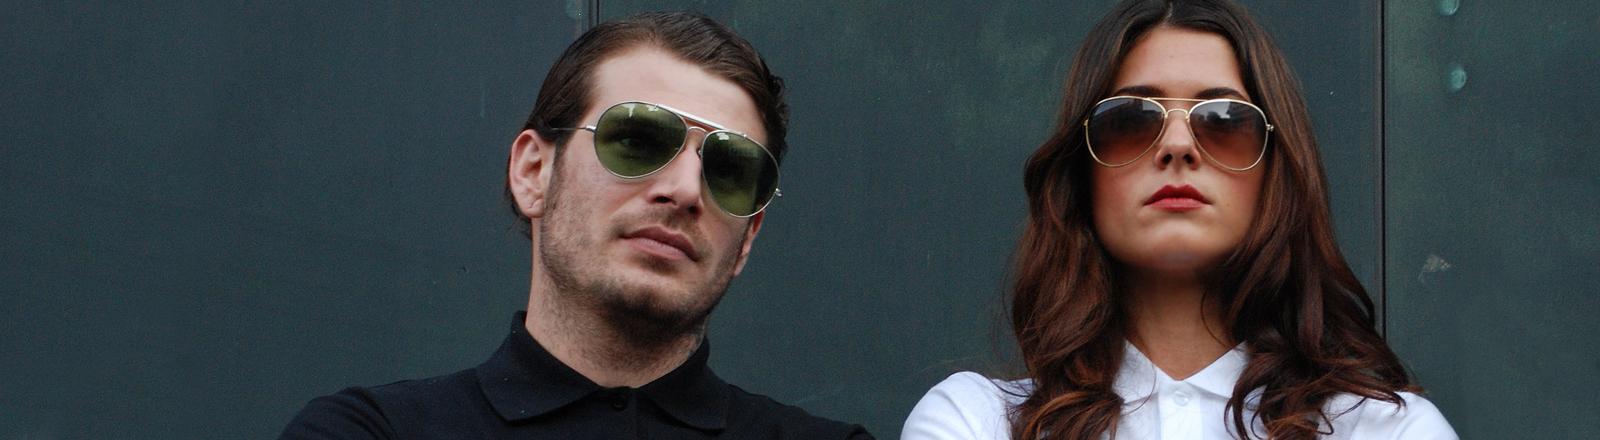 Eine Frau und ein Mann stehen provokant mit verschränkten, tätowierten Armen da und tragen Sonnenbrillen.